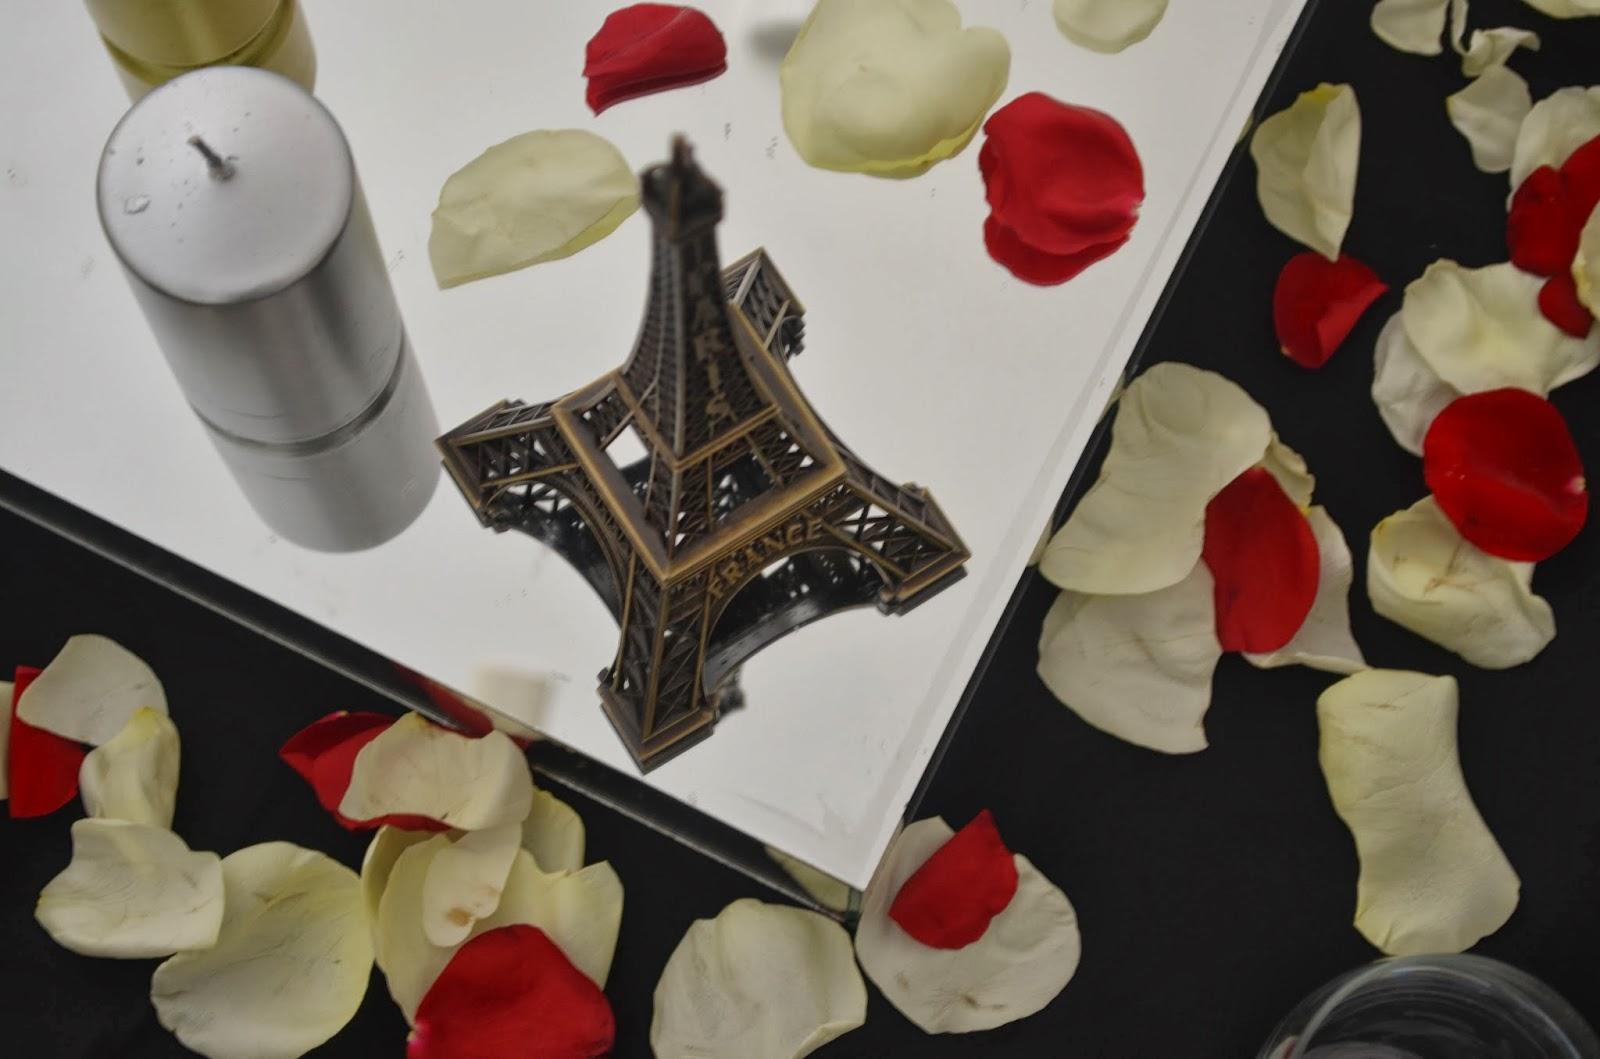 Pienso luego escribo de francia para el mundo for Francia cultura gastronomica